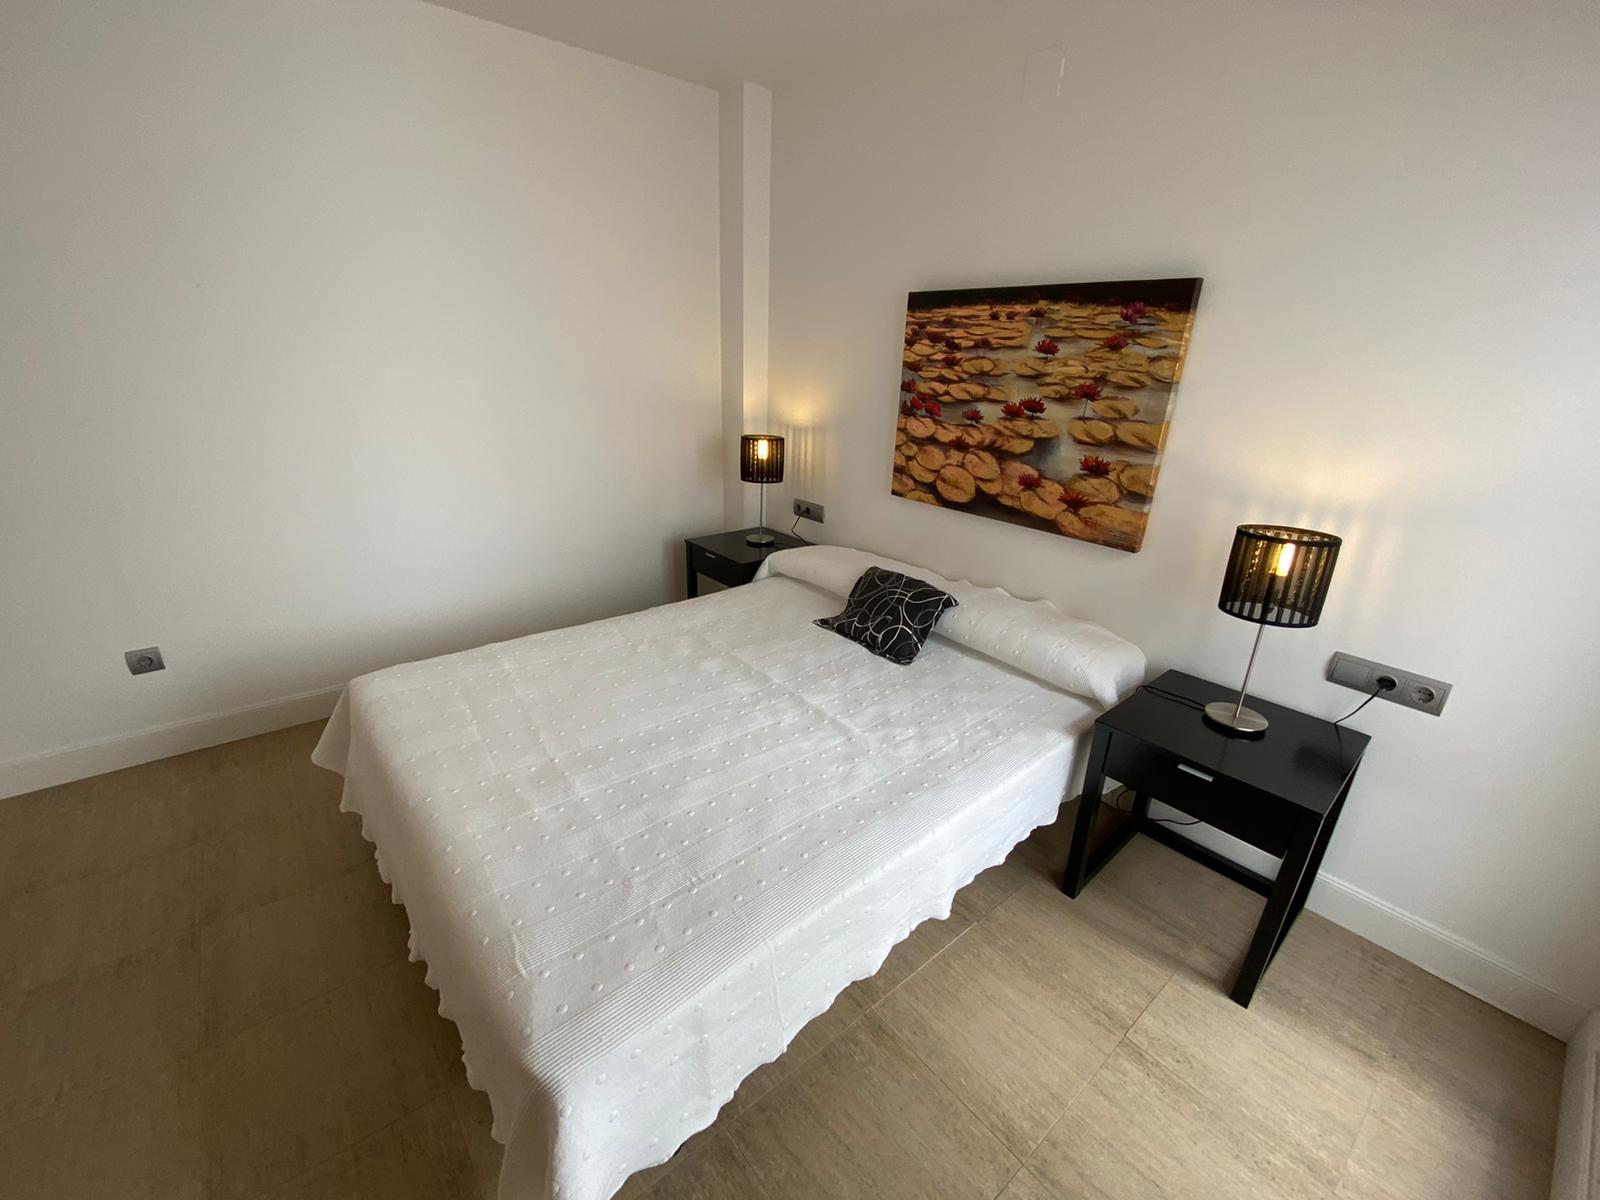 Imagen 13 del Apartamento Turístico, Ático 6 Poniente (3d+2b), Punta del Moral (HUELVA), Paseo de la Cruz nº22